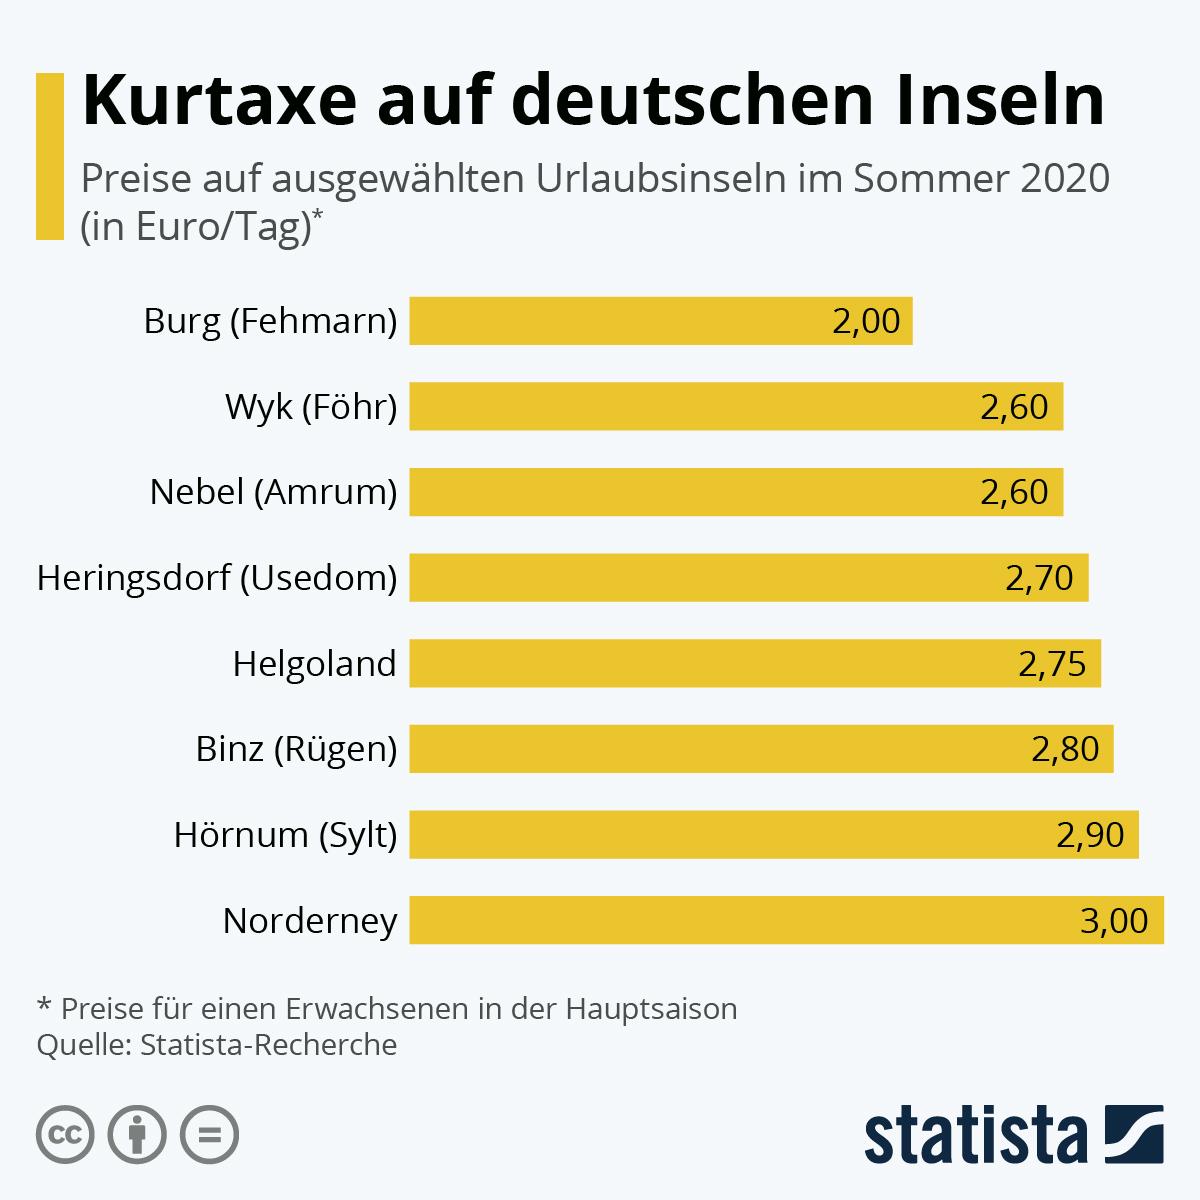 Infografik: Das kostet die Kurtaxe auf deutschen Inseln | Statista